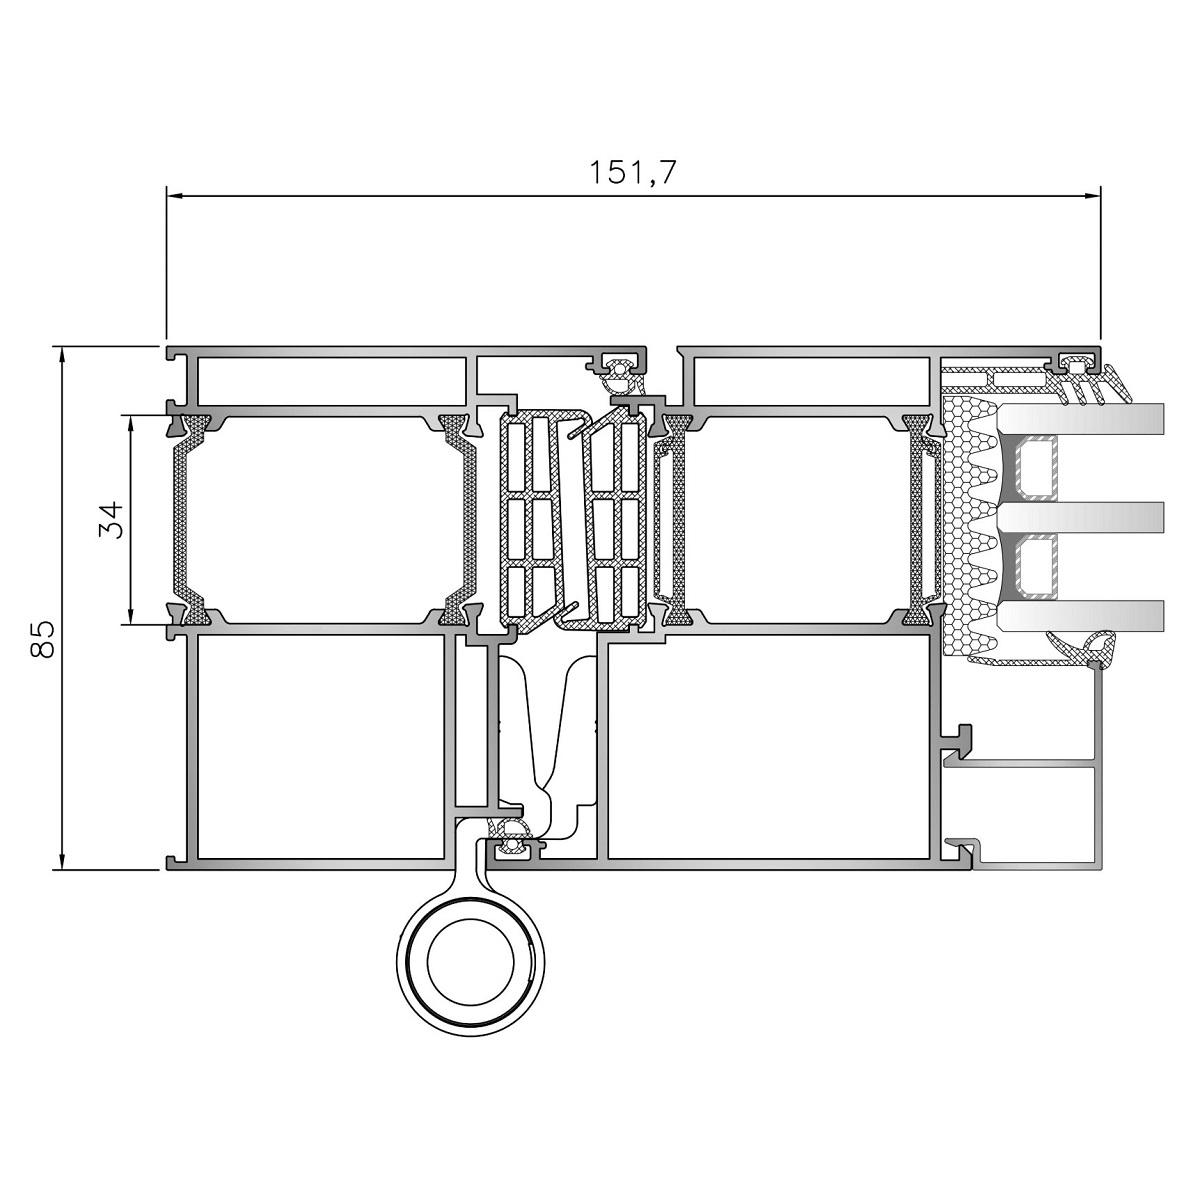 Inoform-F85-door-Frame-section